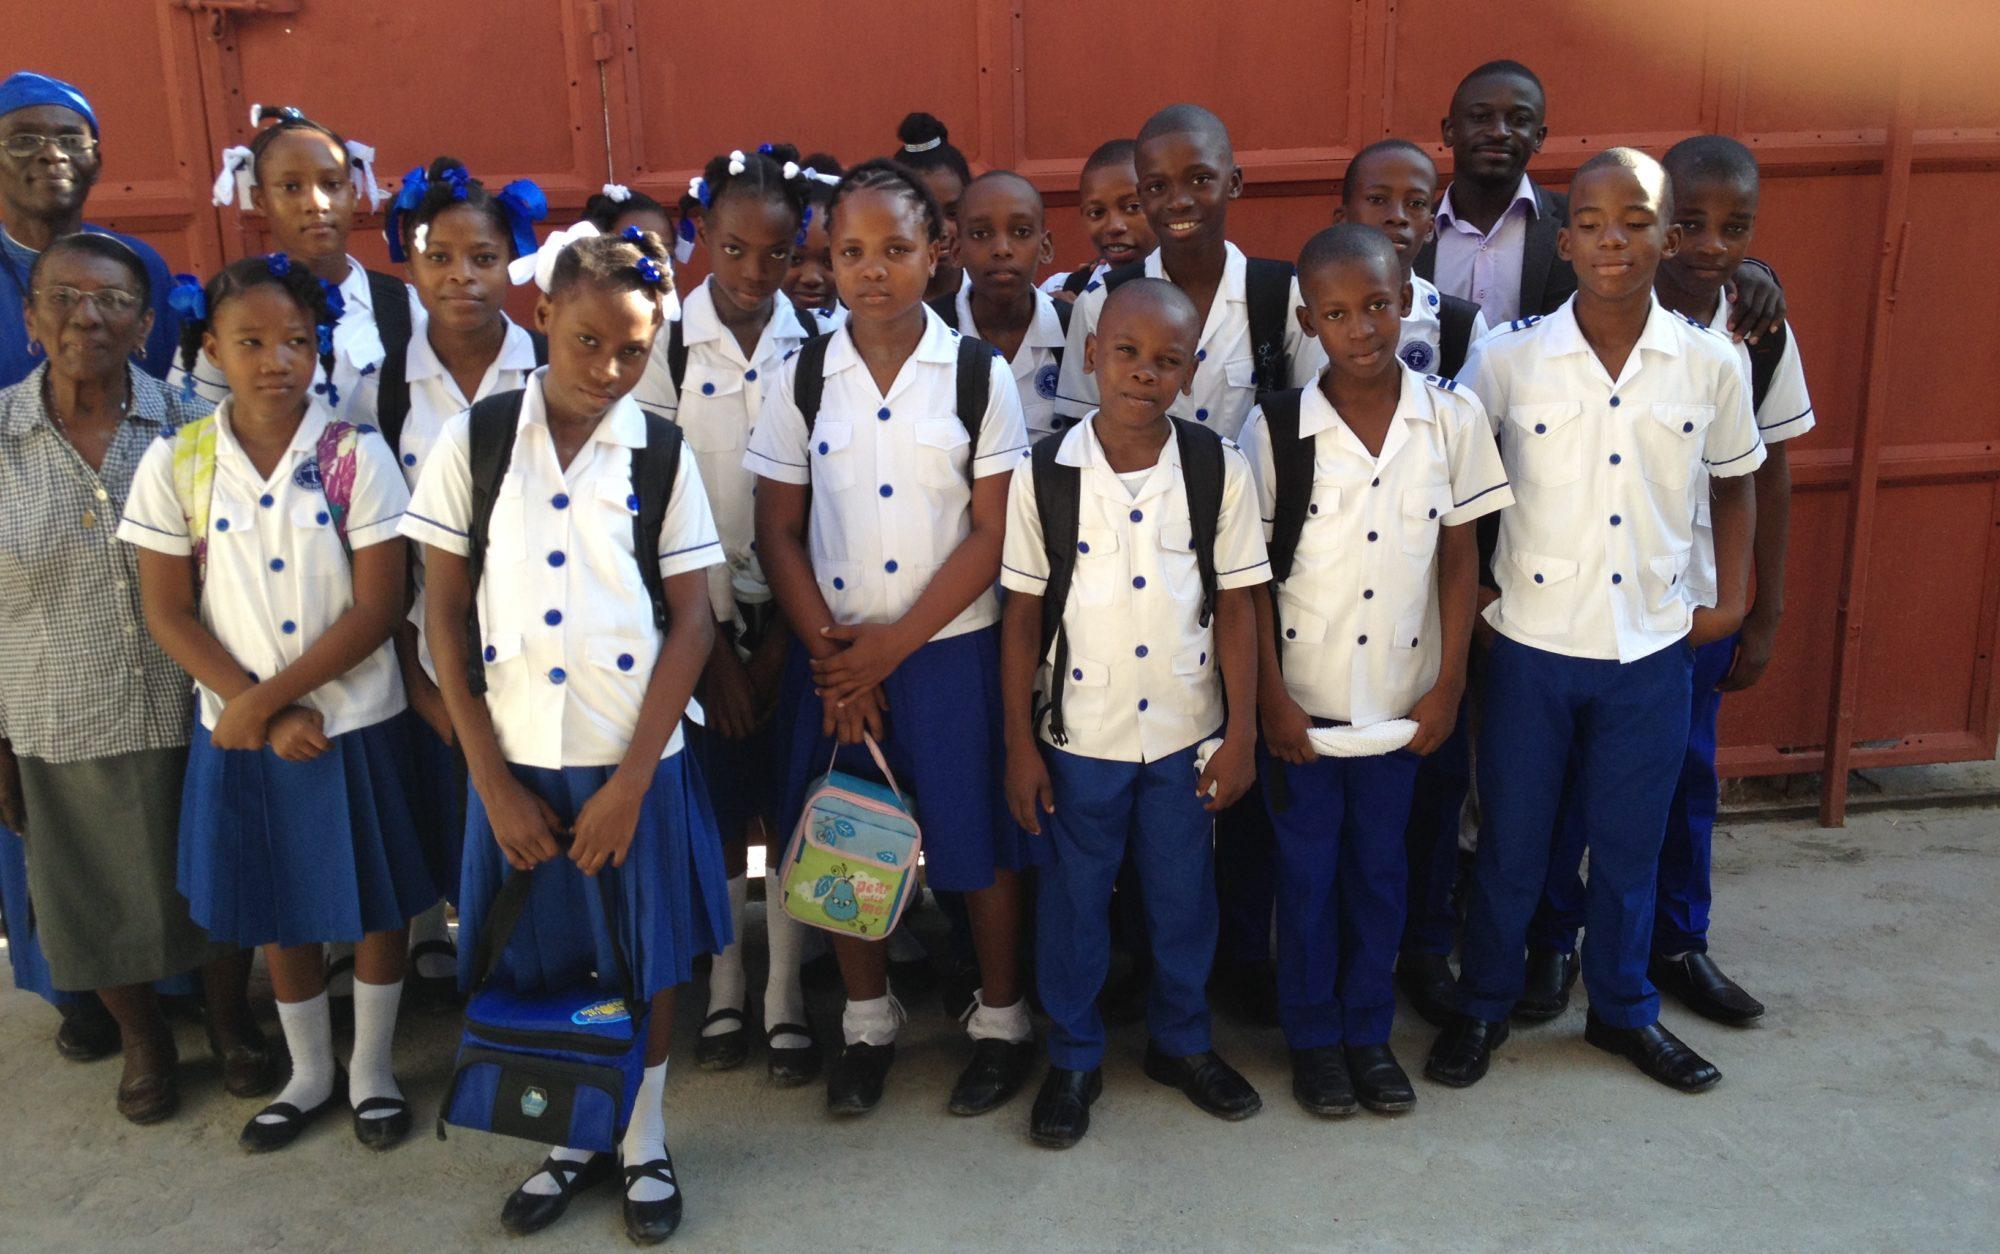 Haïti en Chœur